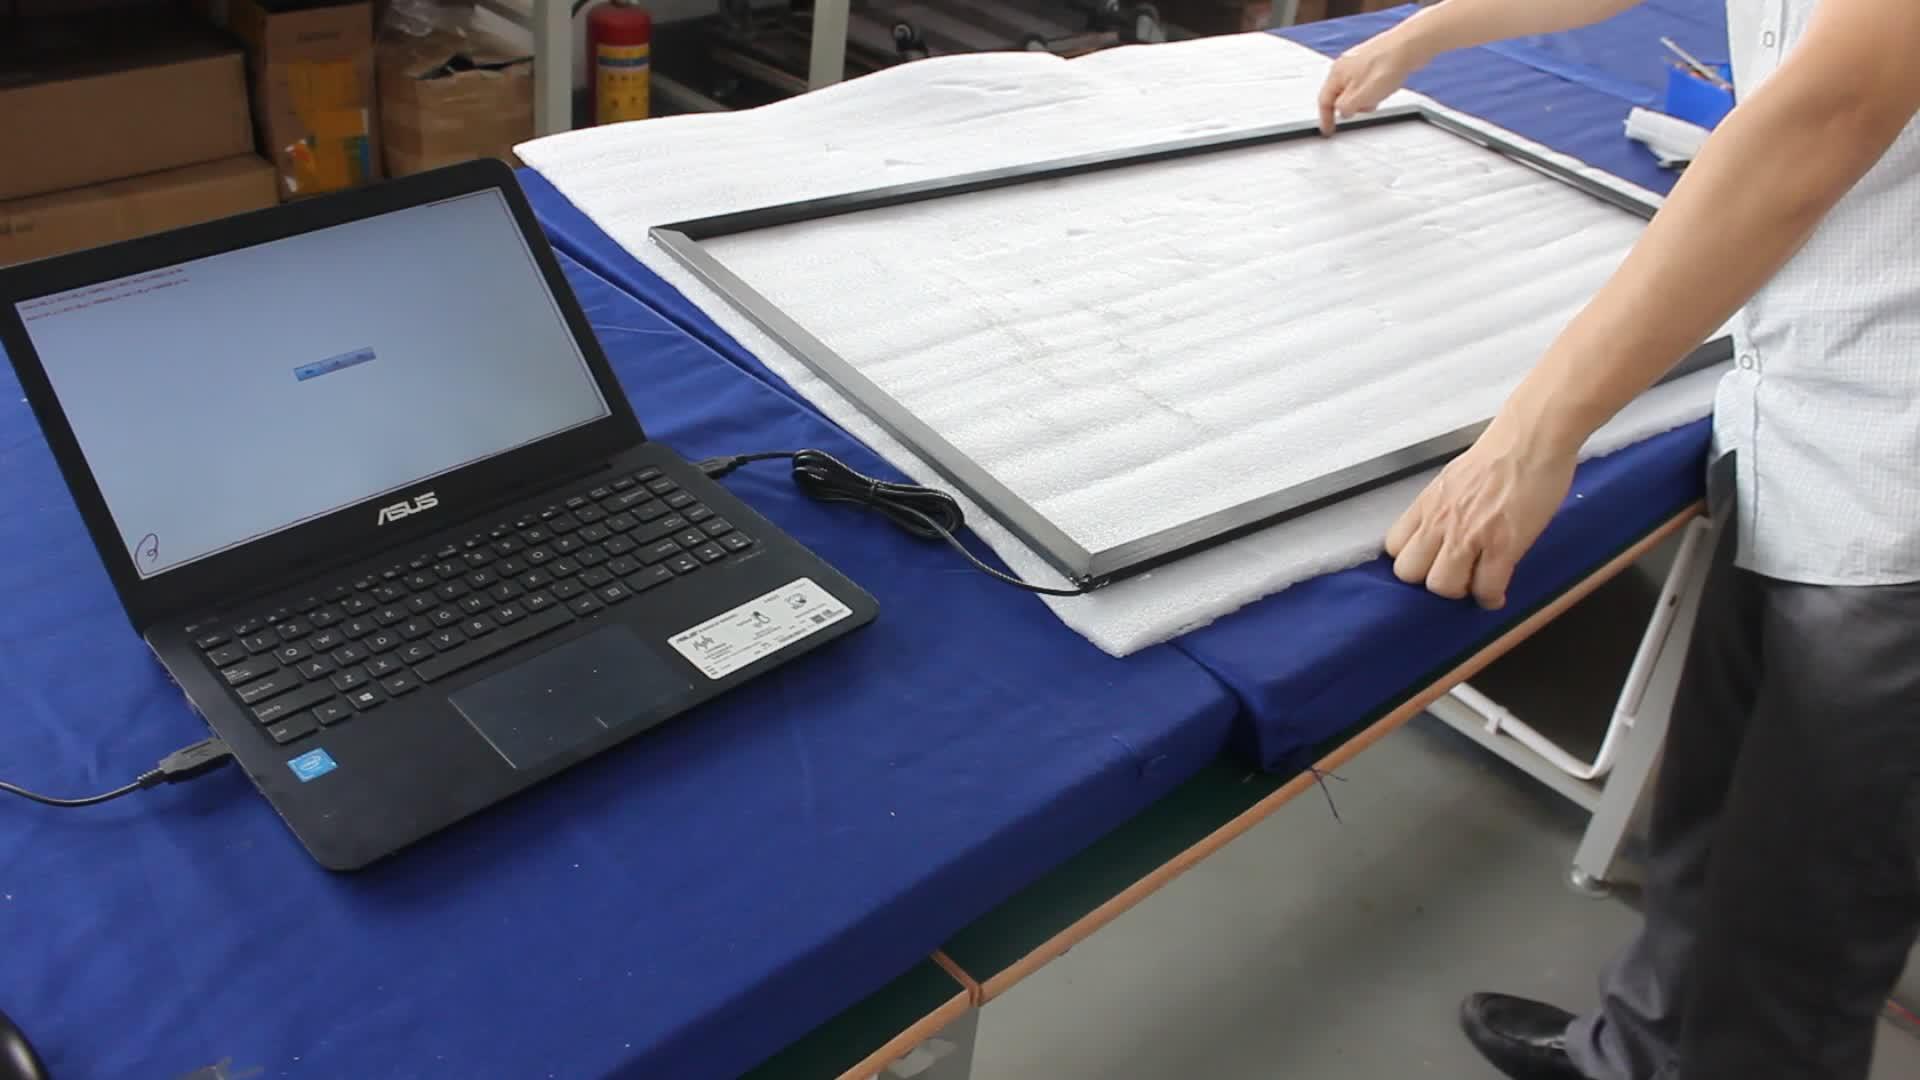 32 inç Açık Parlama önleyici Çift Dokunmatik Ekran Açık Çerçeve